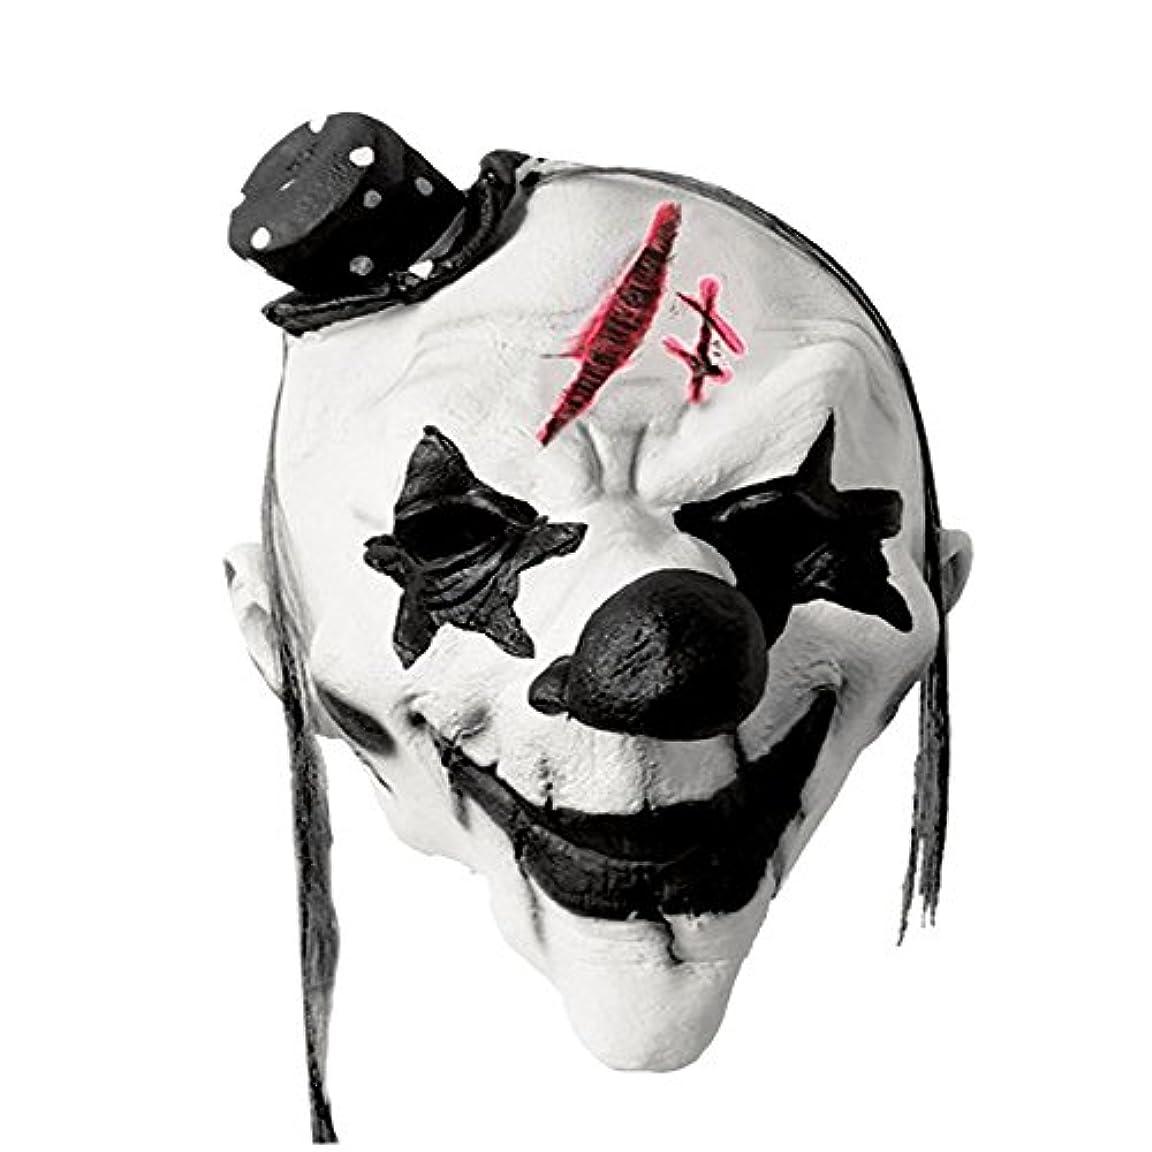 環境に優しいおとうさん内向きハロウィーンの白黒の道化師のマスク/偽装のホラーマスクのプロムパフォーマンスショーは小道具の道化師のマスクをドレスアップ